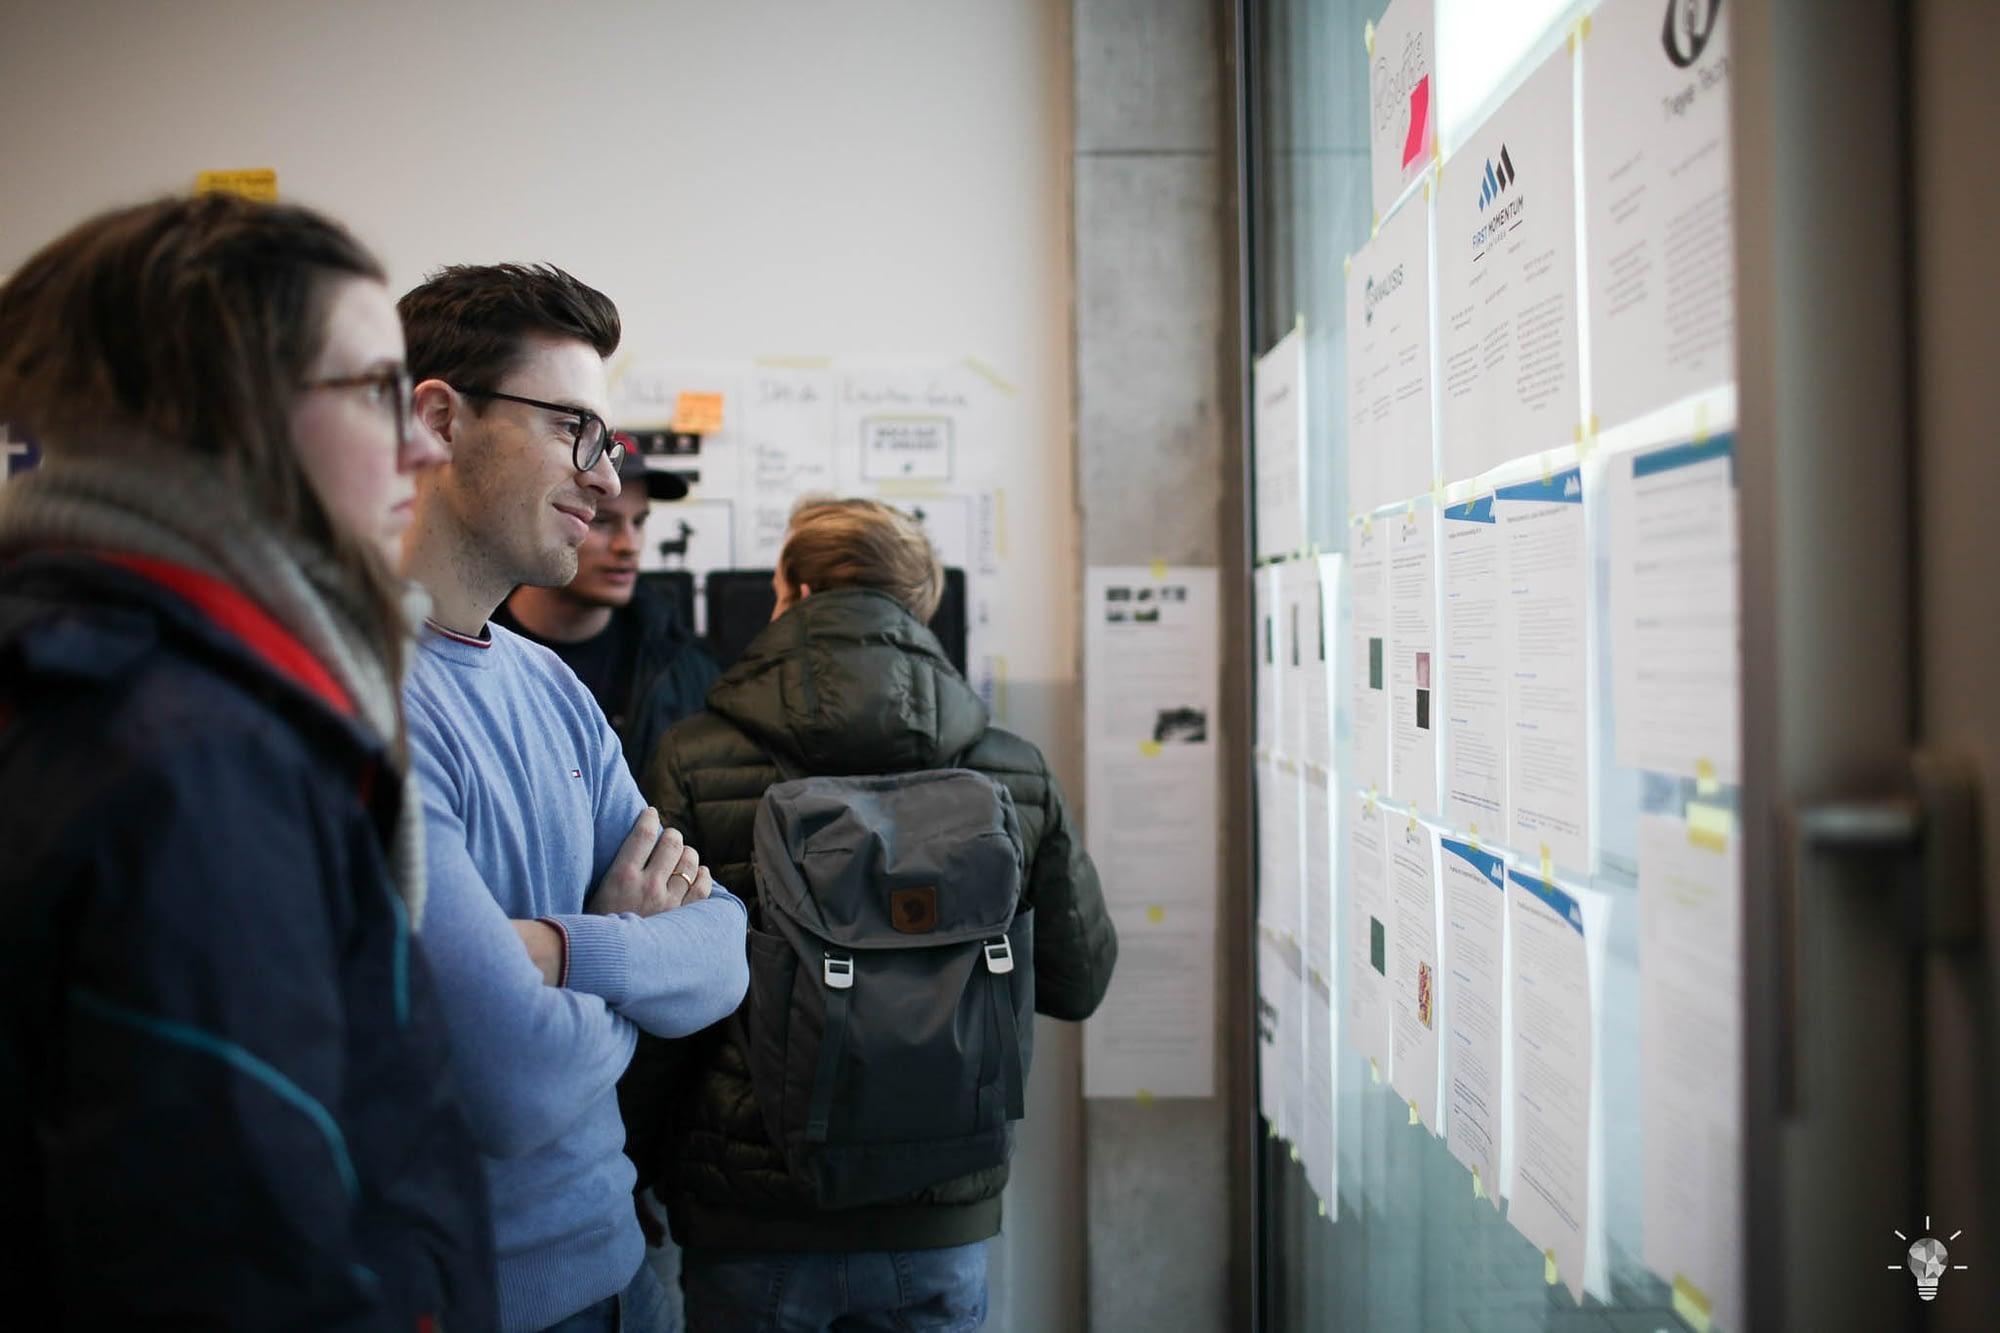 Start-up-Crawl: Mit dem Rad von Start-up zu Start-up